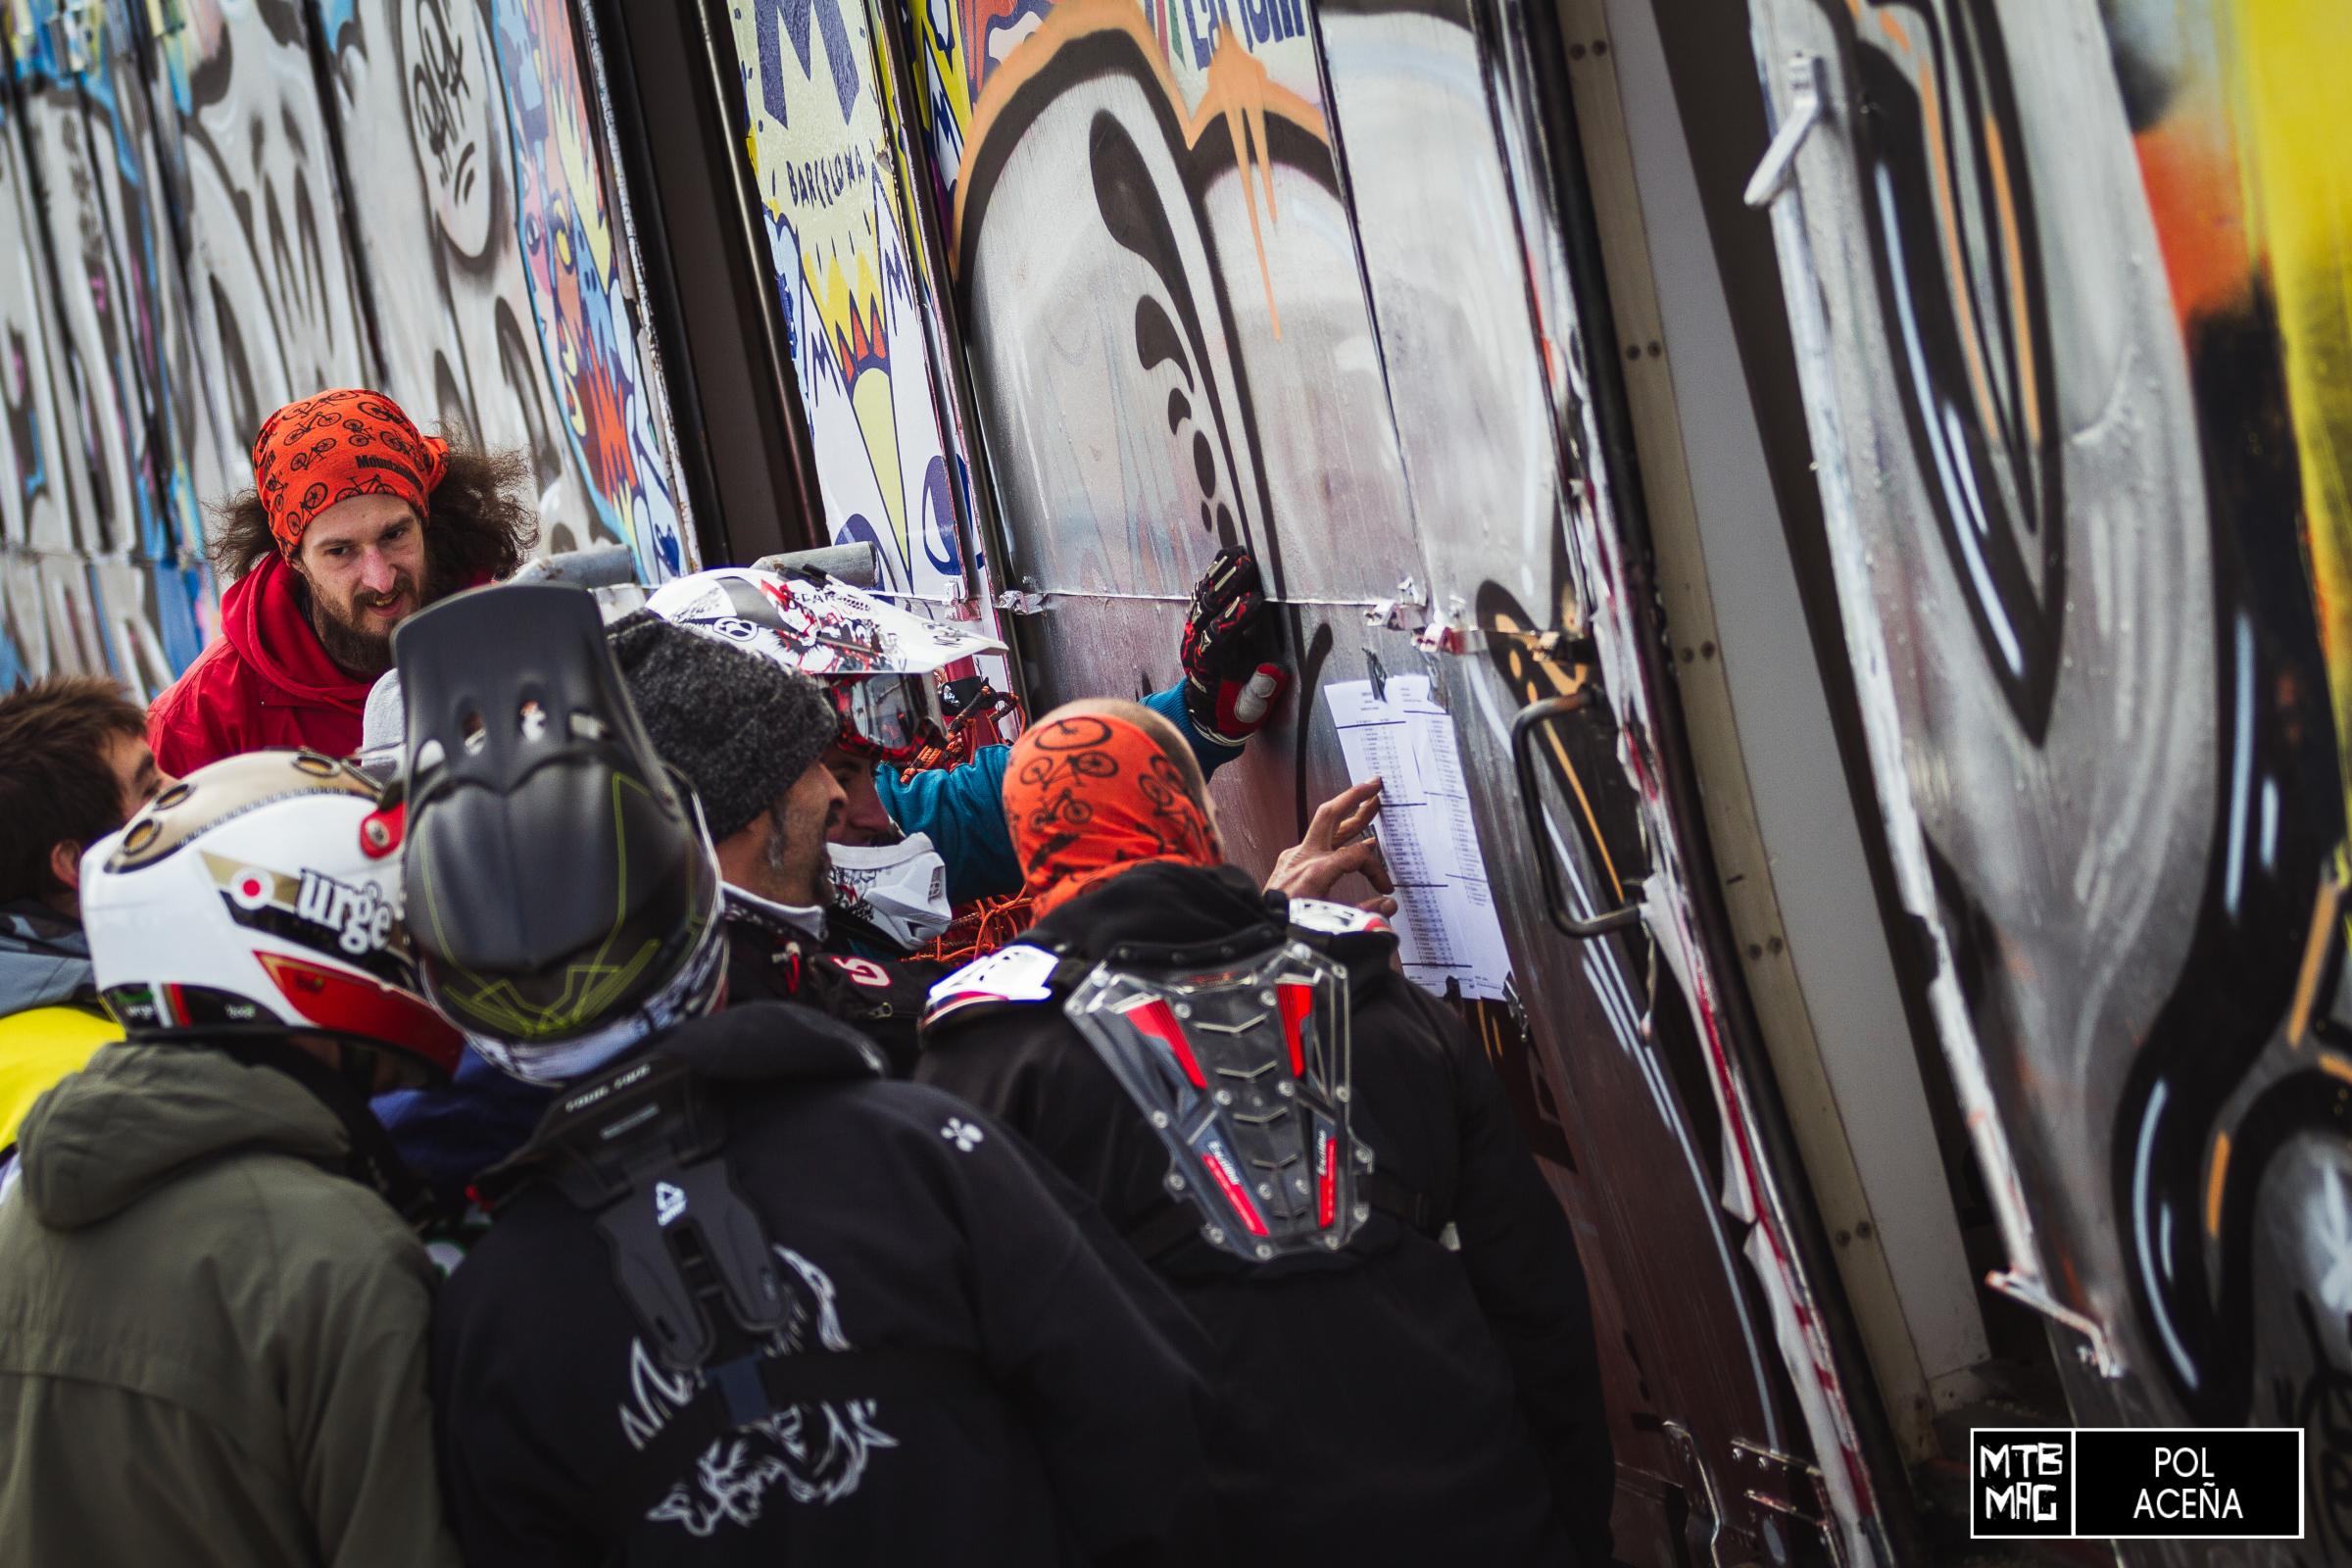 Los riders buscan sus tiempos en las listas que colgaron en un vagón de tren que se encuentra en medio de la montaña, al final de las pistas de ski, grafiteado de principio a fin, y que se usó como oficina y centro de control de la prueba.